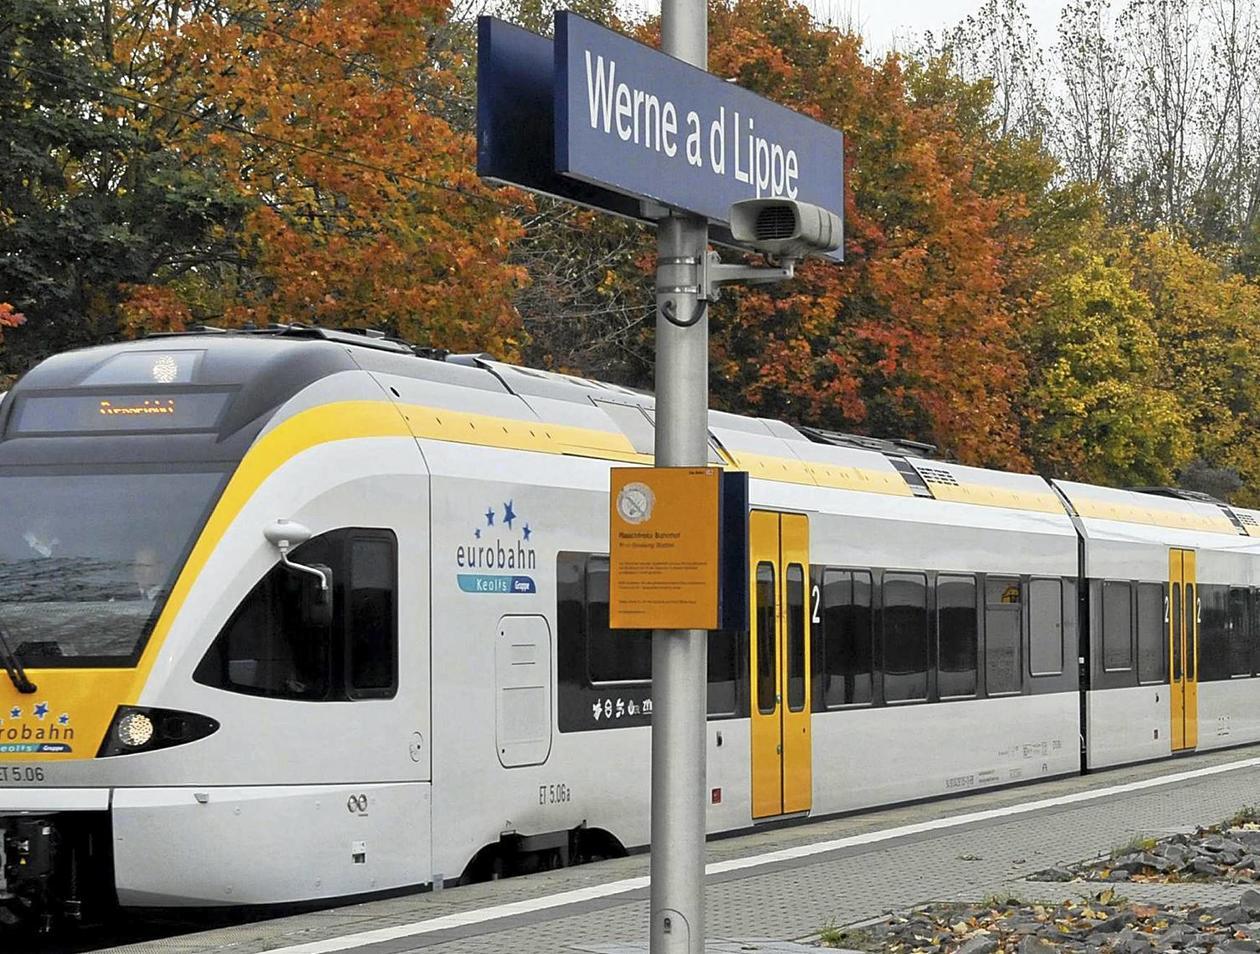 Eurobahn Sagt Fahrplanoptimierung Deutsche Bahn Sperrung